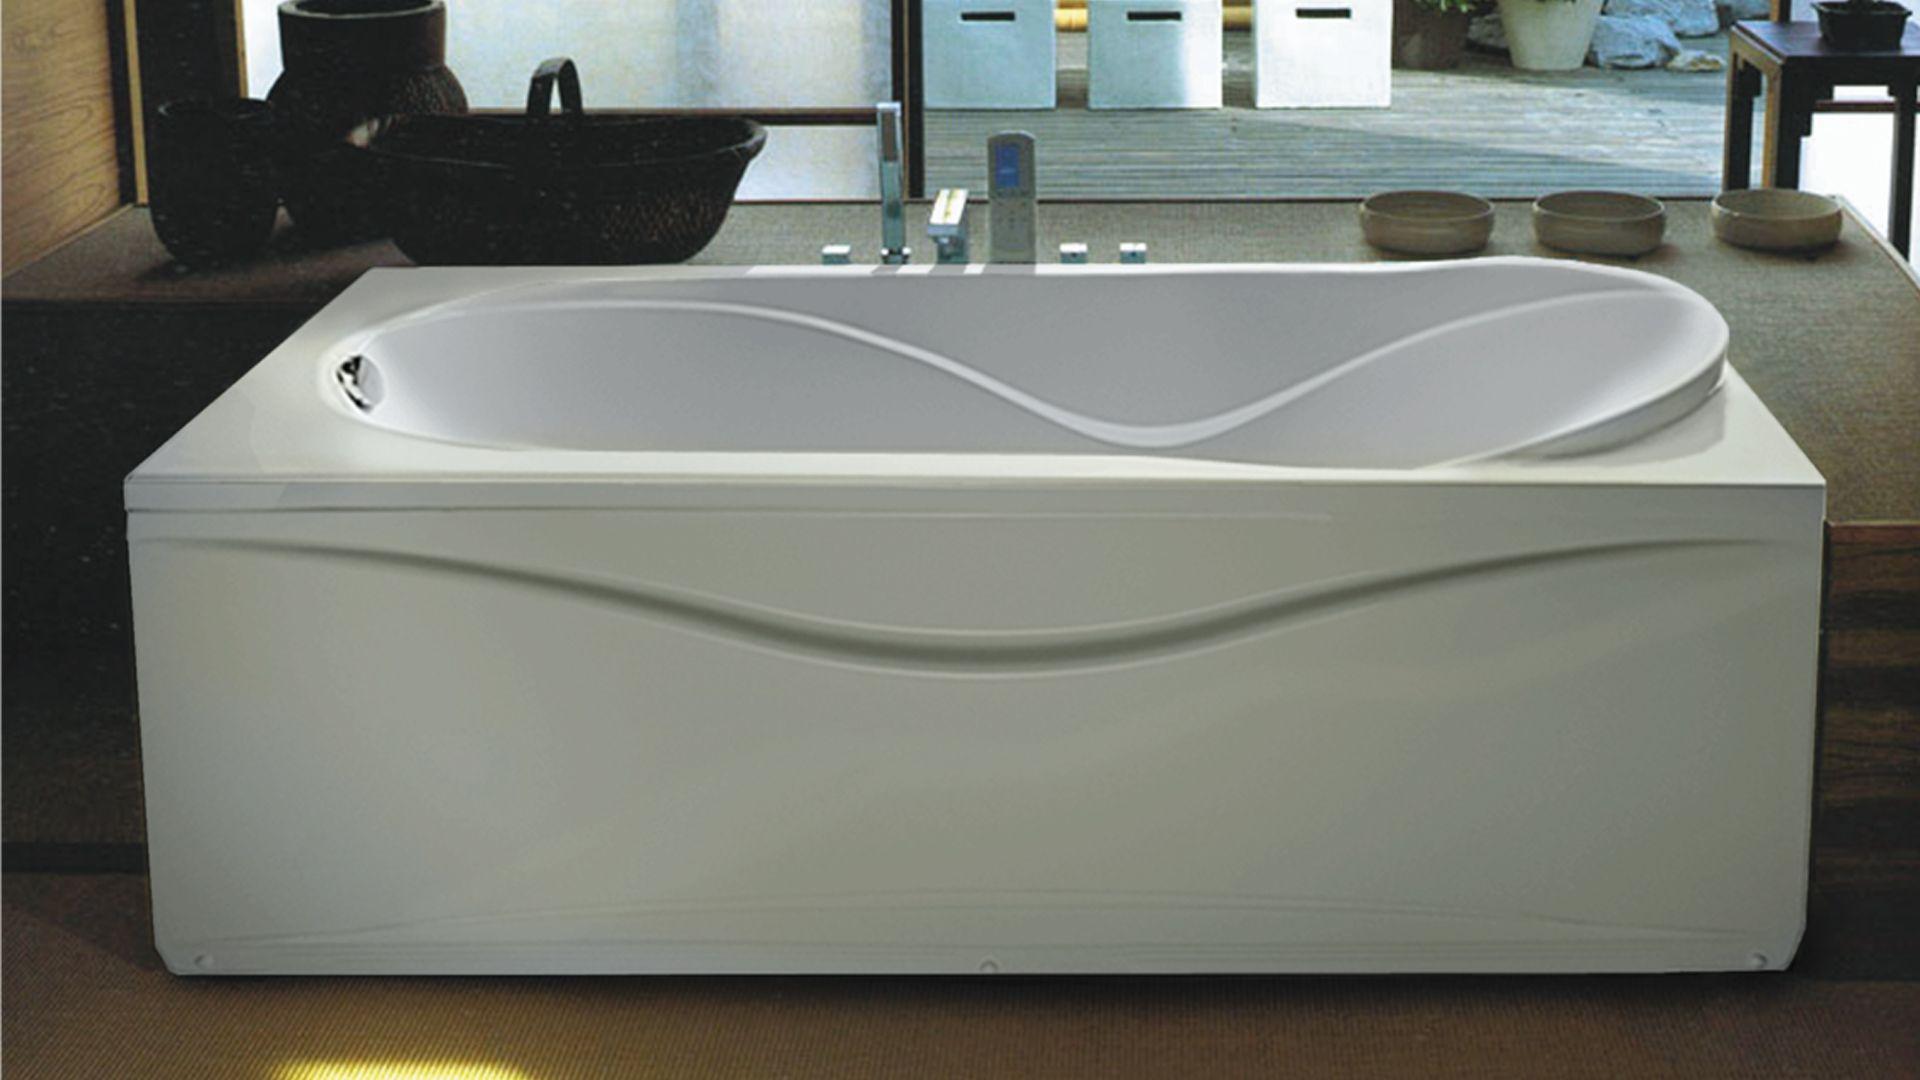 Ванна акриловая Eurolux Оливия 180х80х49, объем 280 л от Ravta